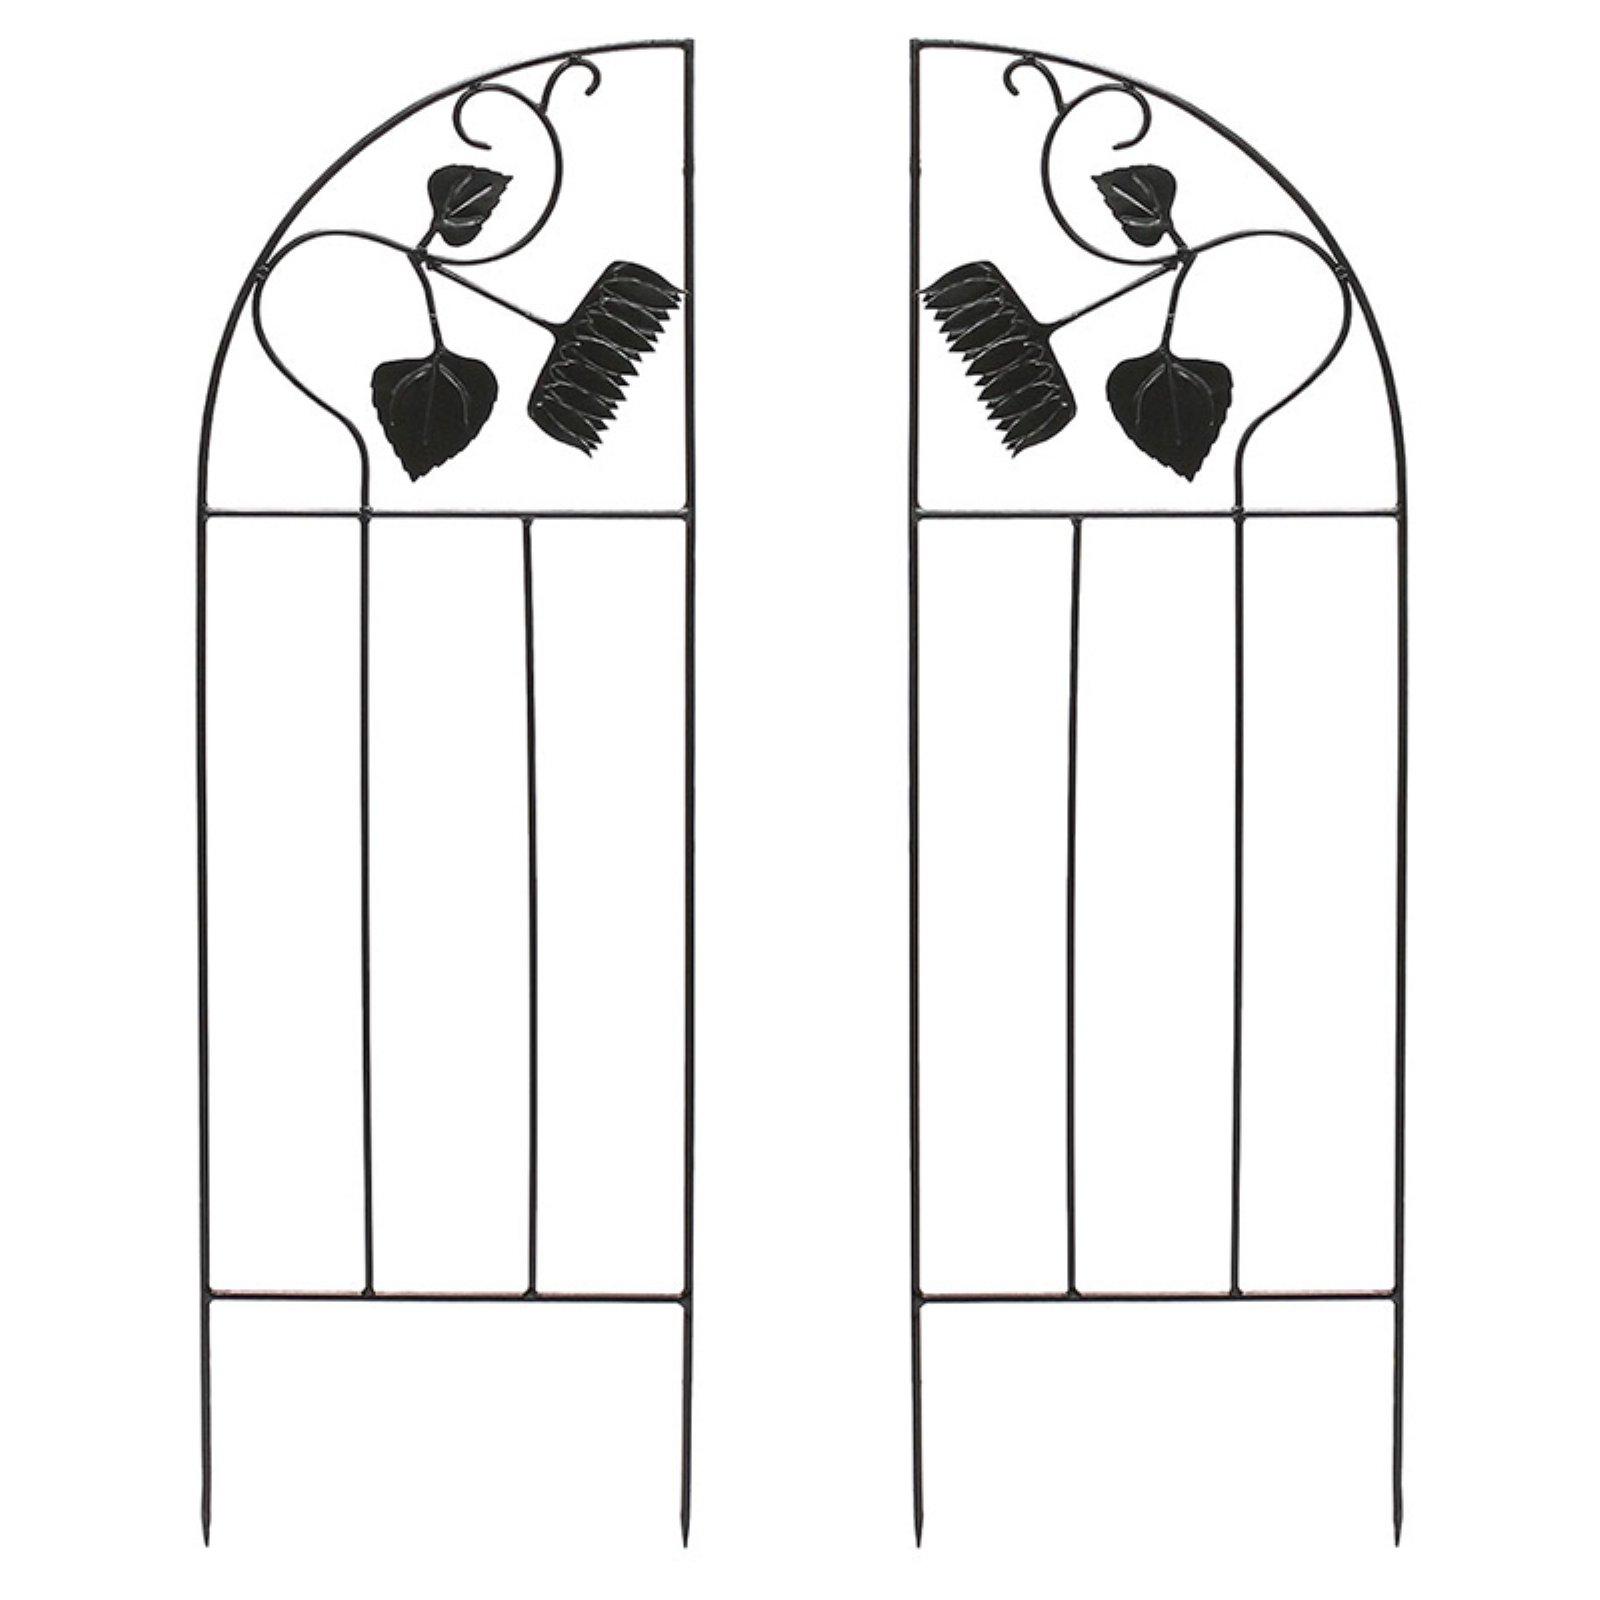 Achla Designs Sunflower Garden Trellis Side Panel Set of 2 by Minuteman/Achla Designs